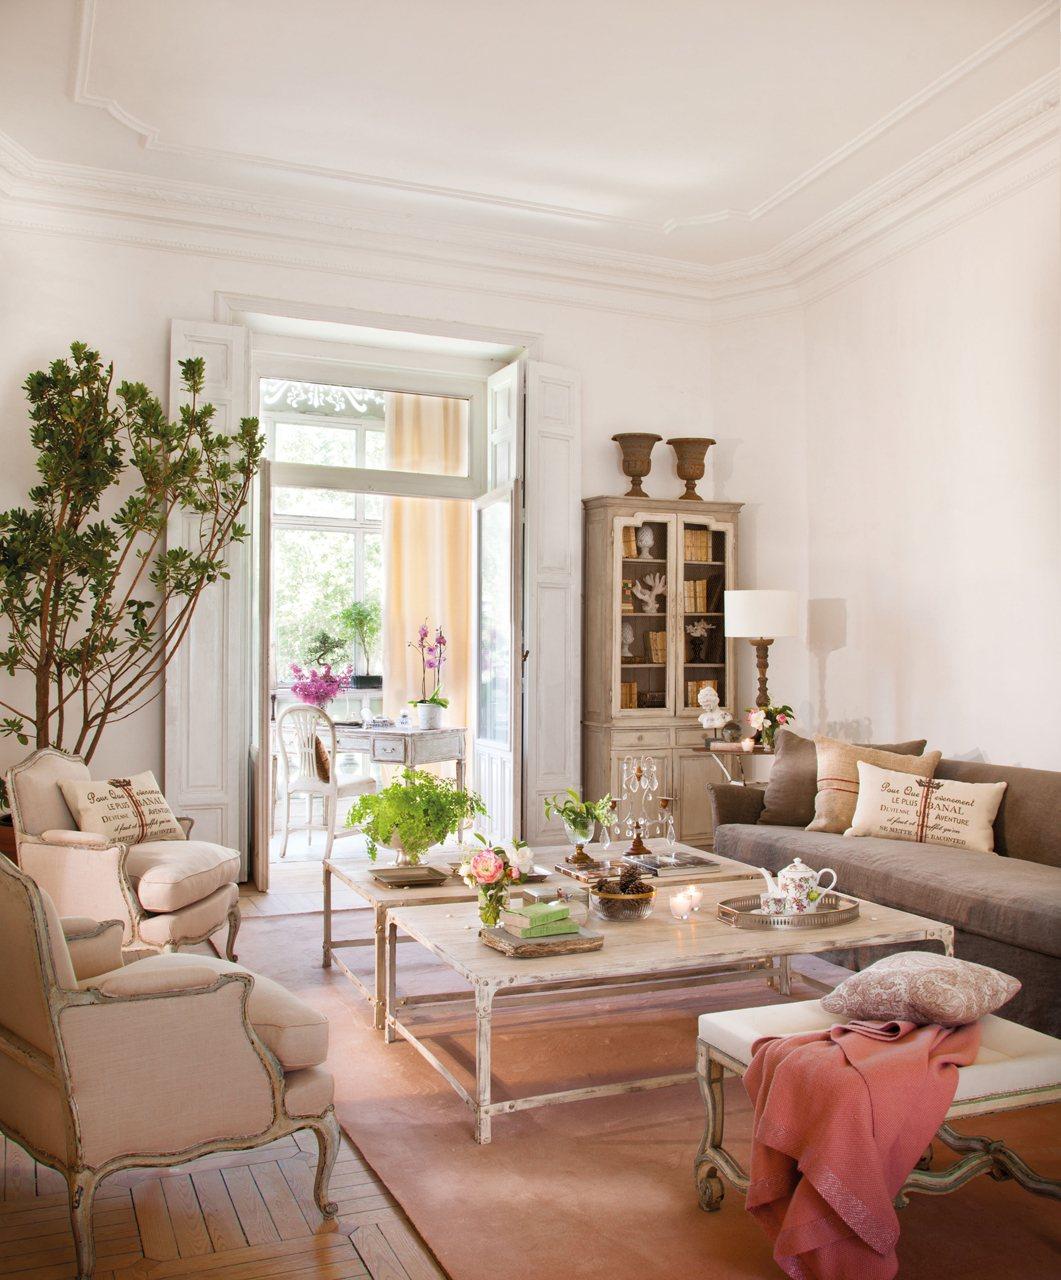 Un Salon Chic En Crudo Y Rosa - Salones-blanco-y-beige